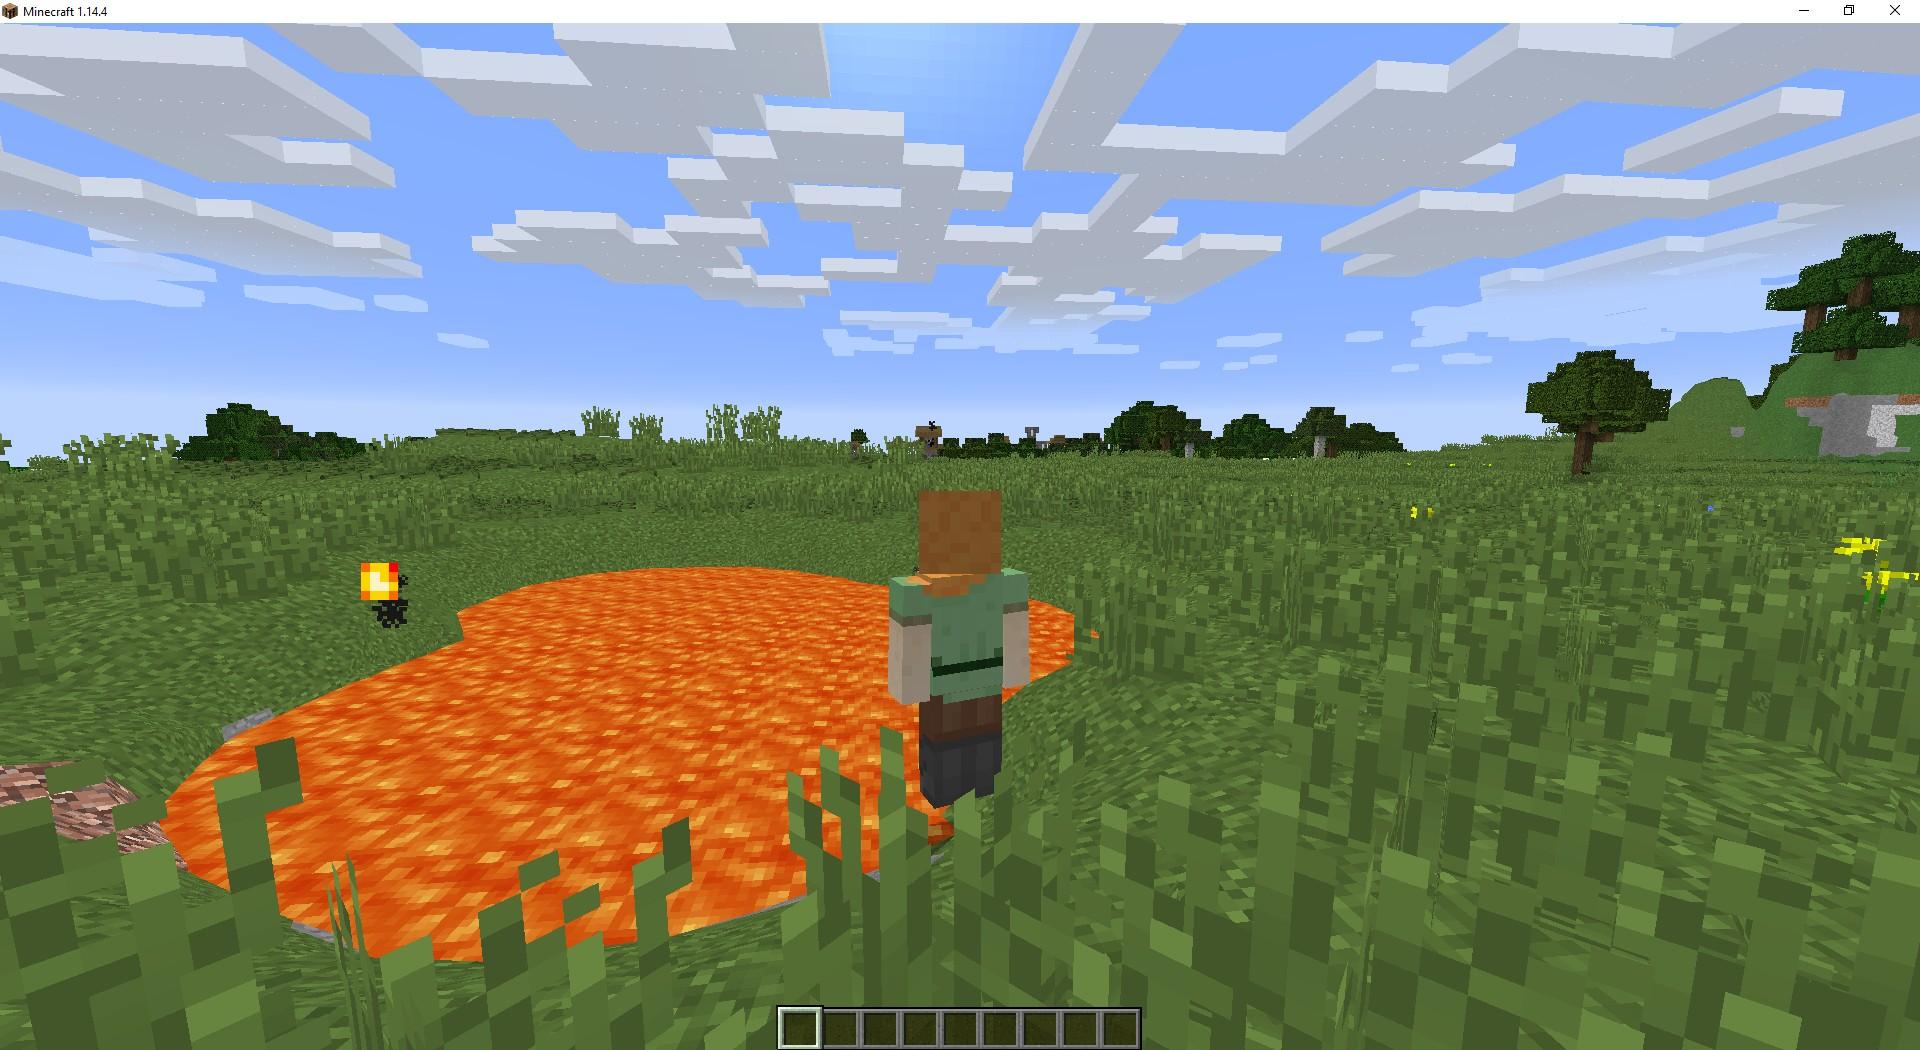 Мод NoCubes (реалистичный ландшафт) - скриншот 4